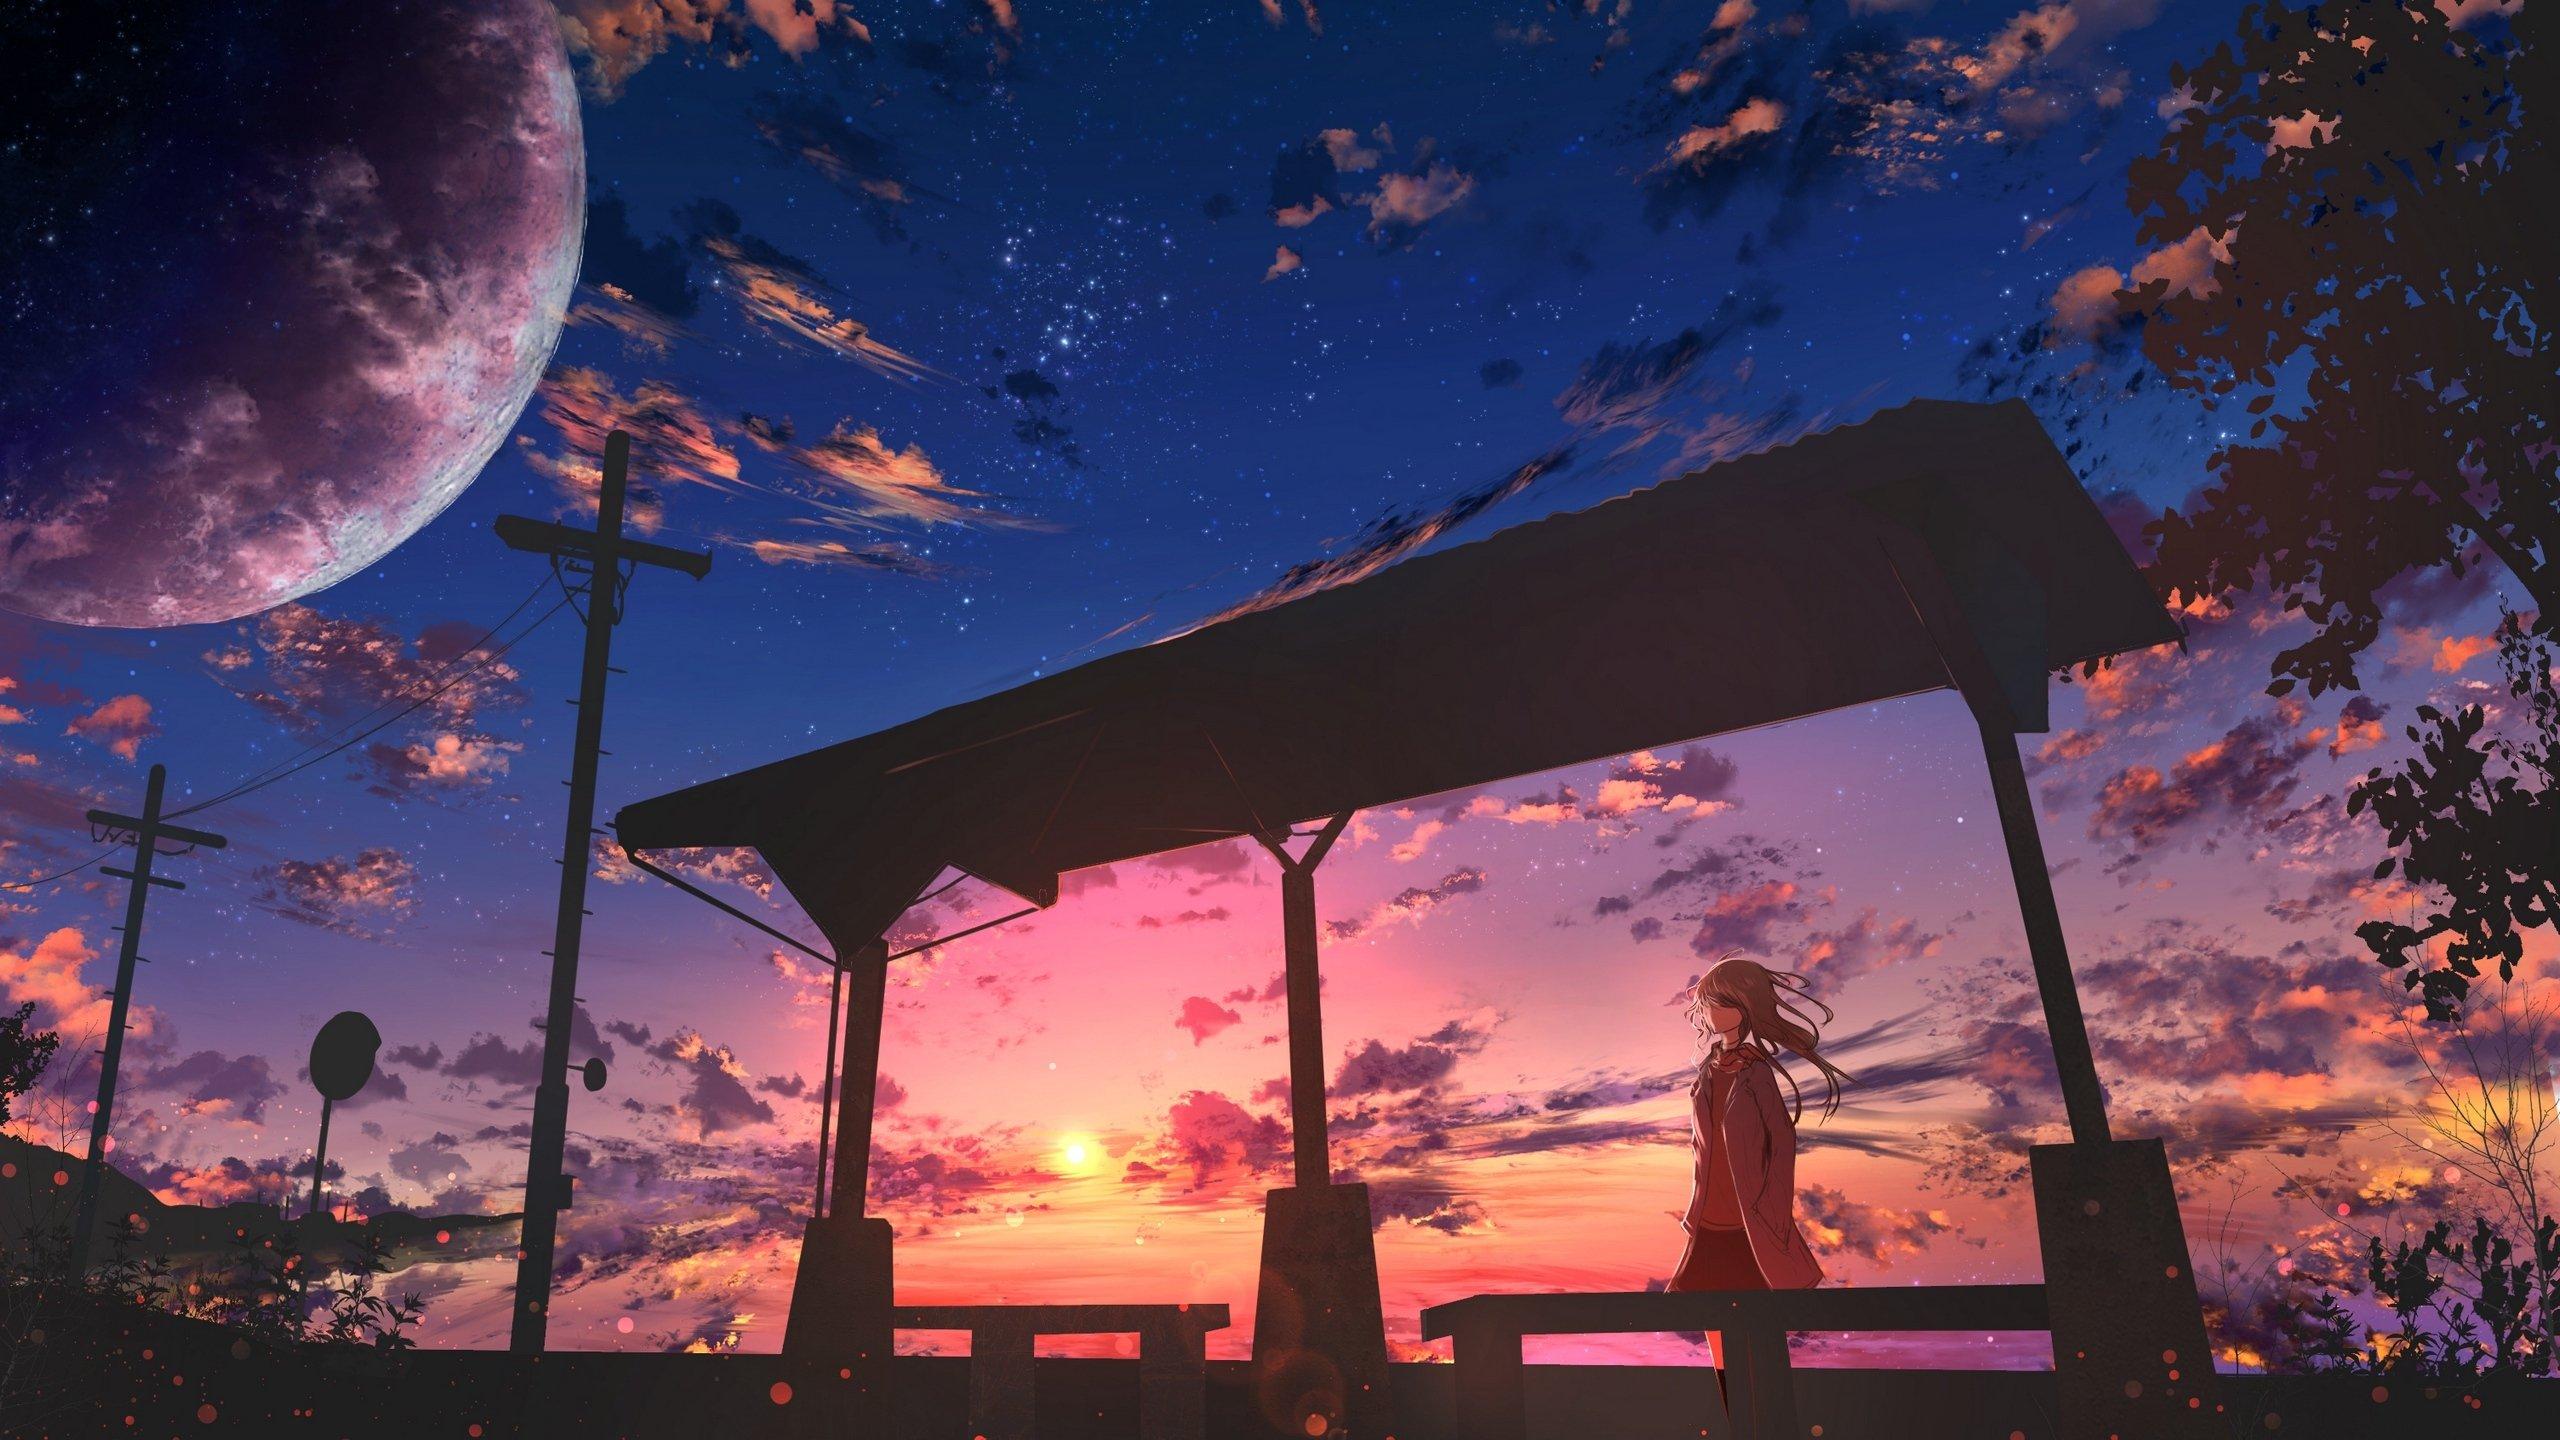 晚霞 夕阳 夜空 车站 风衣 少女动漫壁纸,高清电脑桌面动漫壁纸